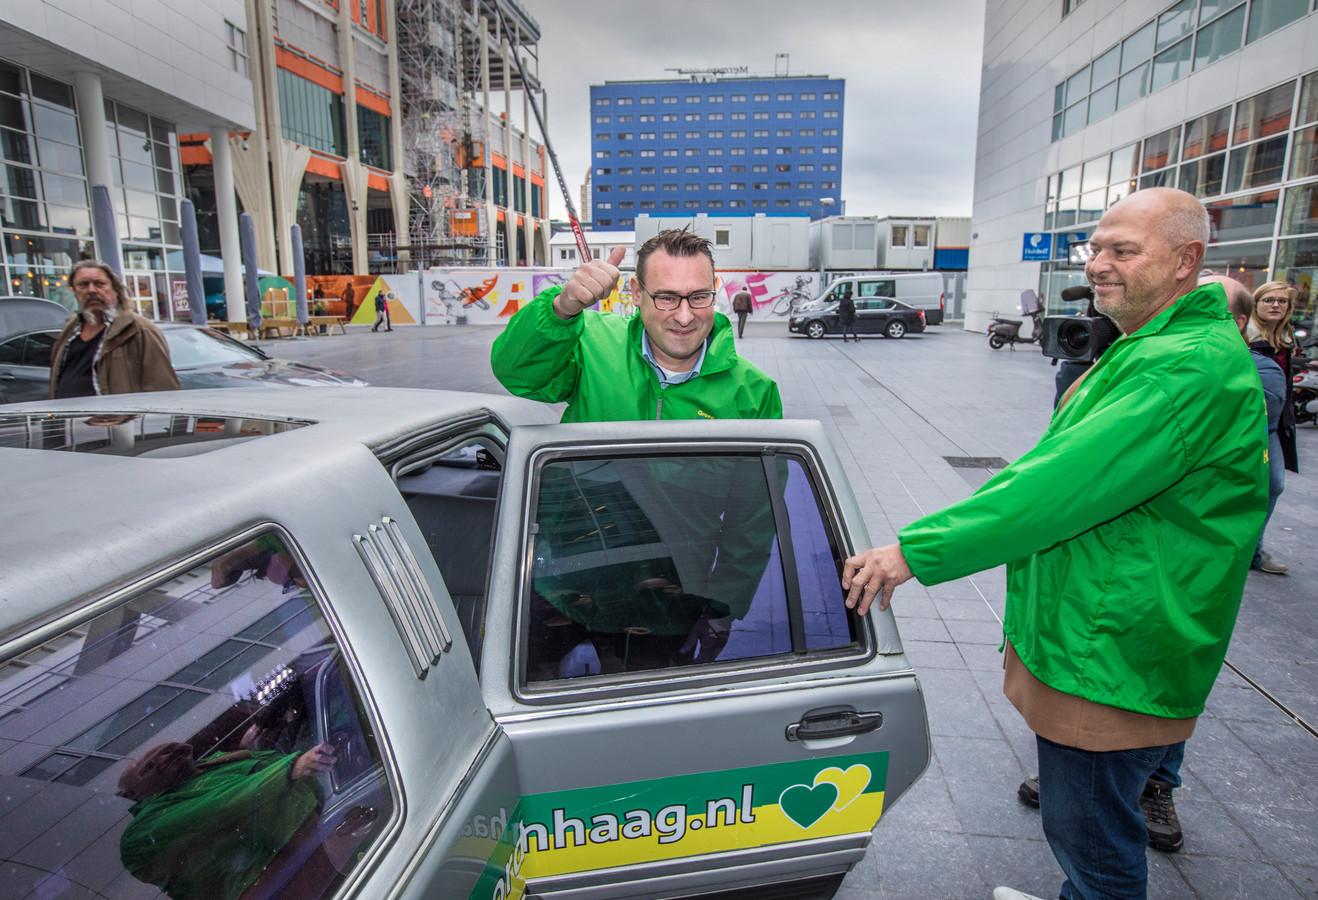 De twee wethouders Richard de Mos en Rachid Guernaoui hebben woensdagochtend op het stadhuis in Den Haag hun ontslag ingediend. Ze arriveerden per limousine.